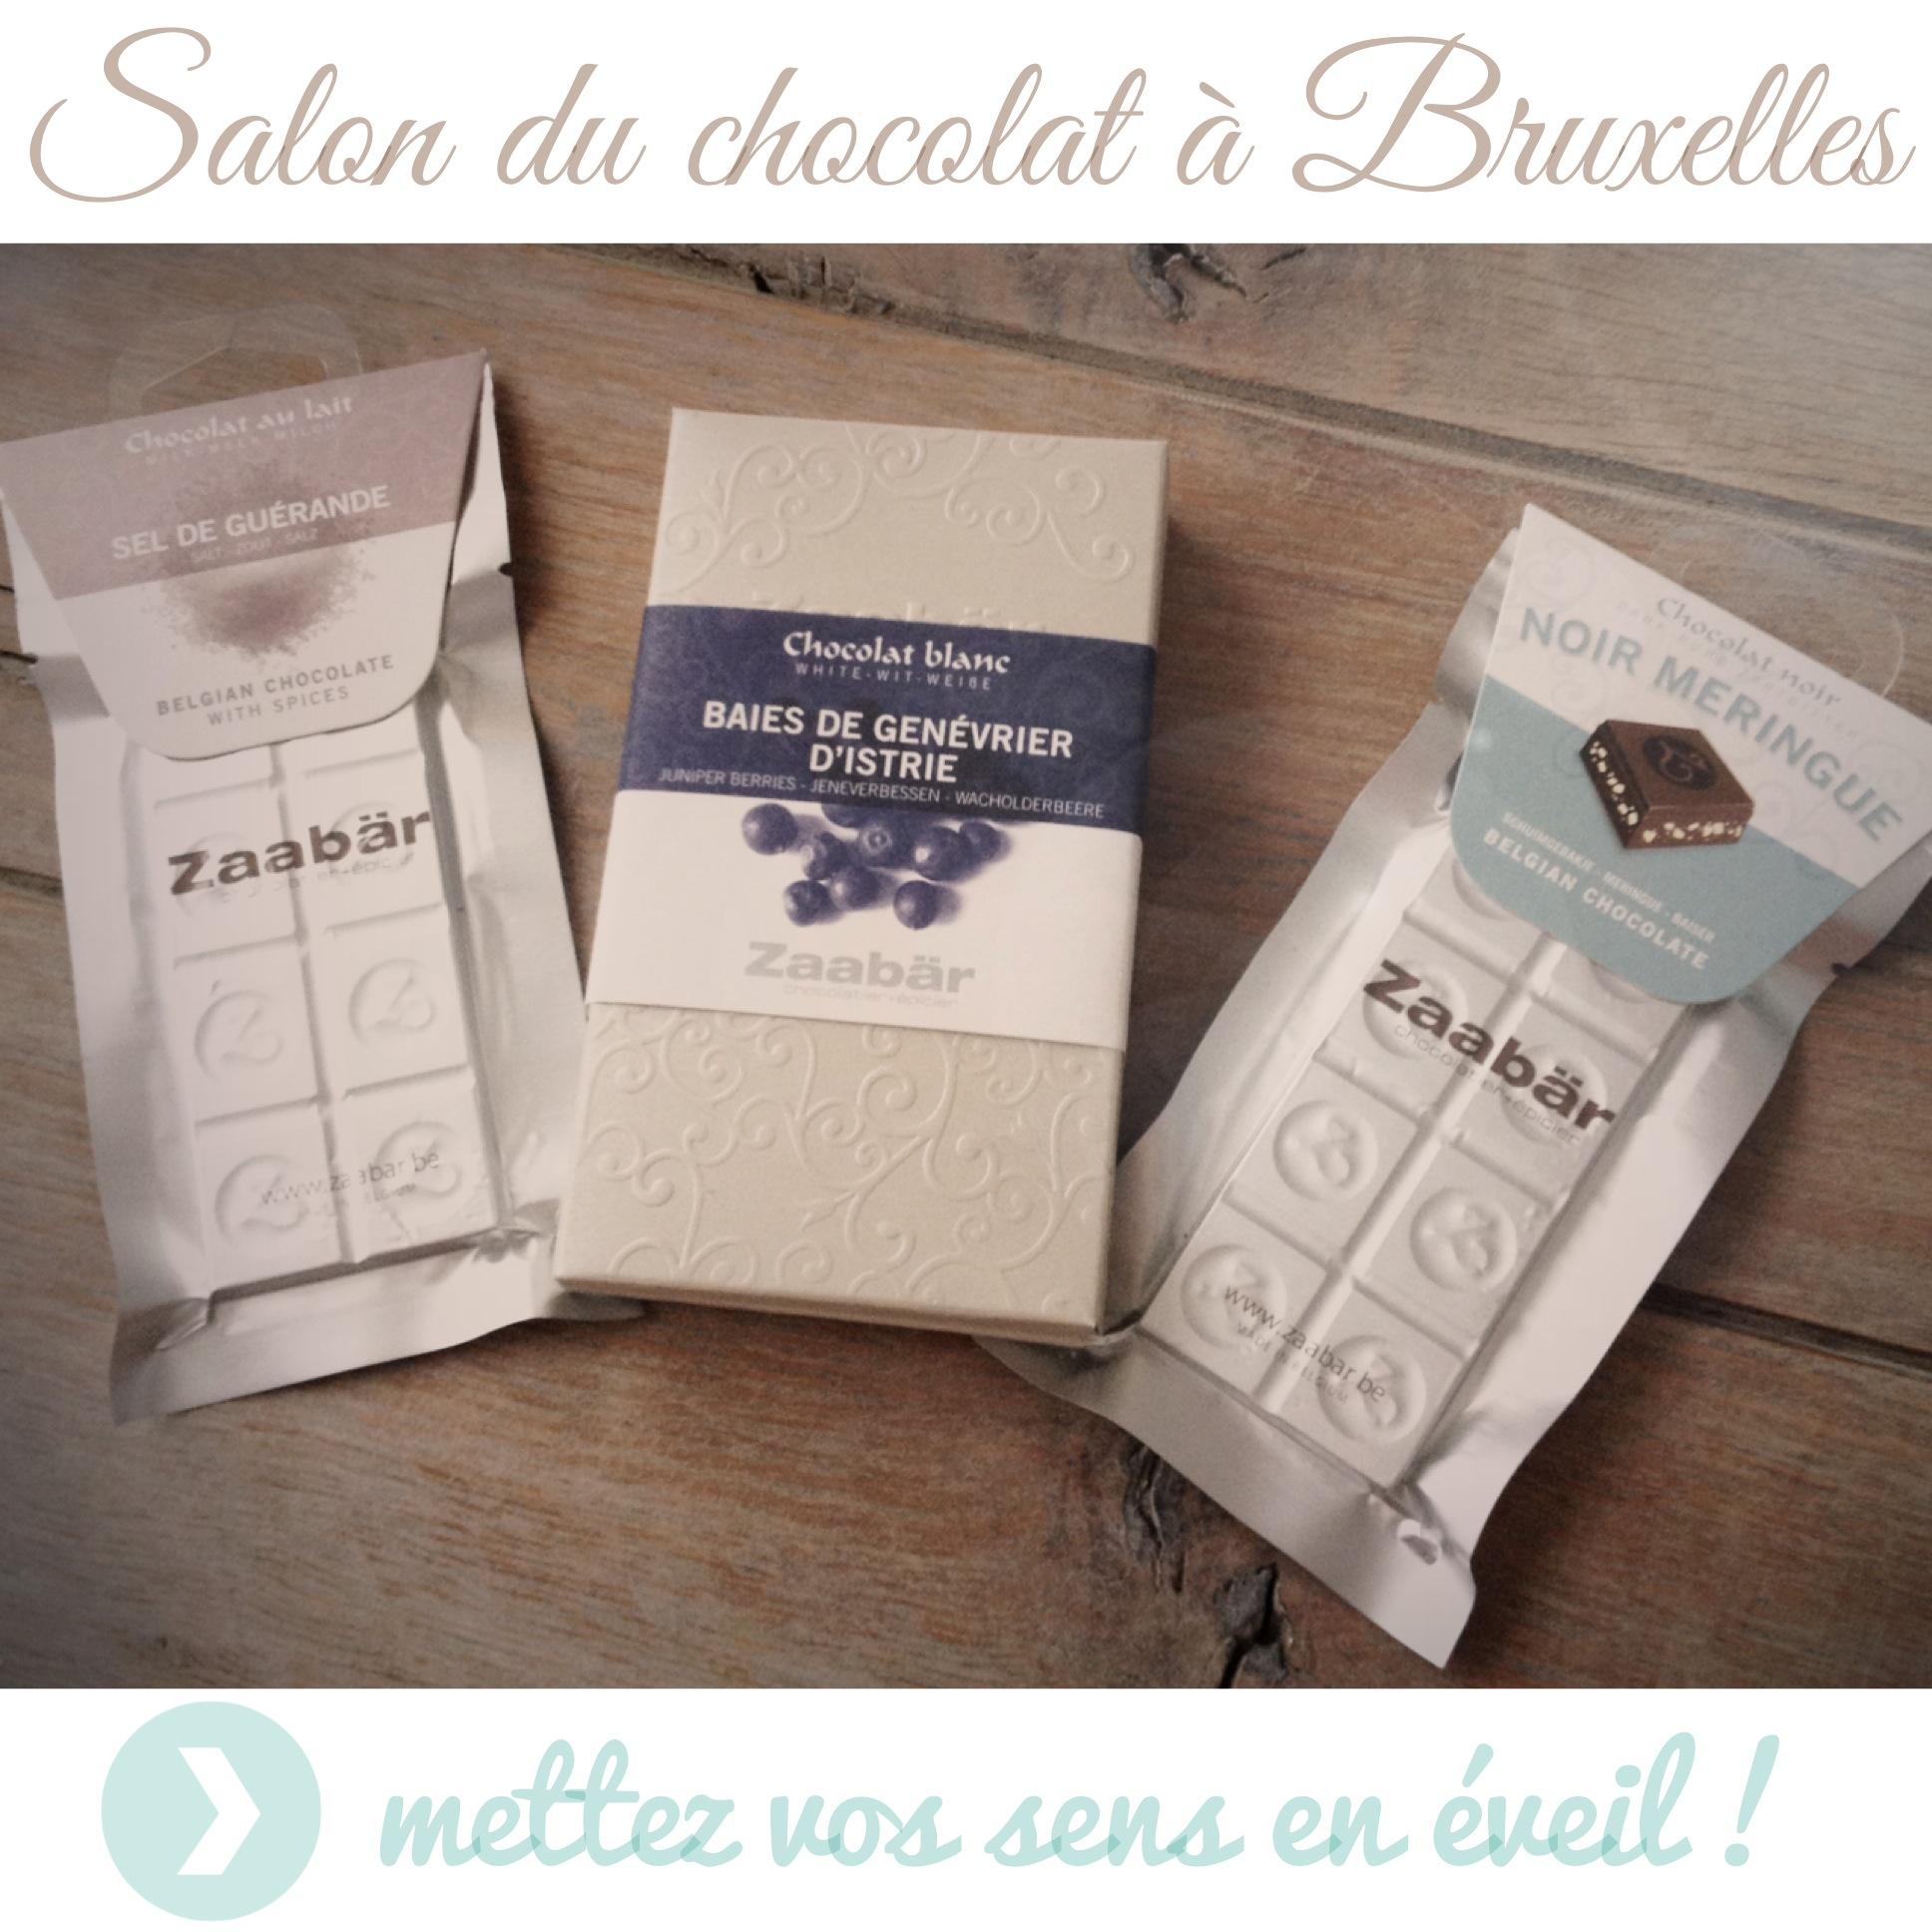 Le premier salon du chocolat bruxelles gourmandise for Salon du tourisme belgique